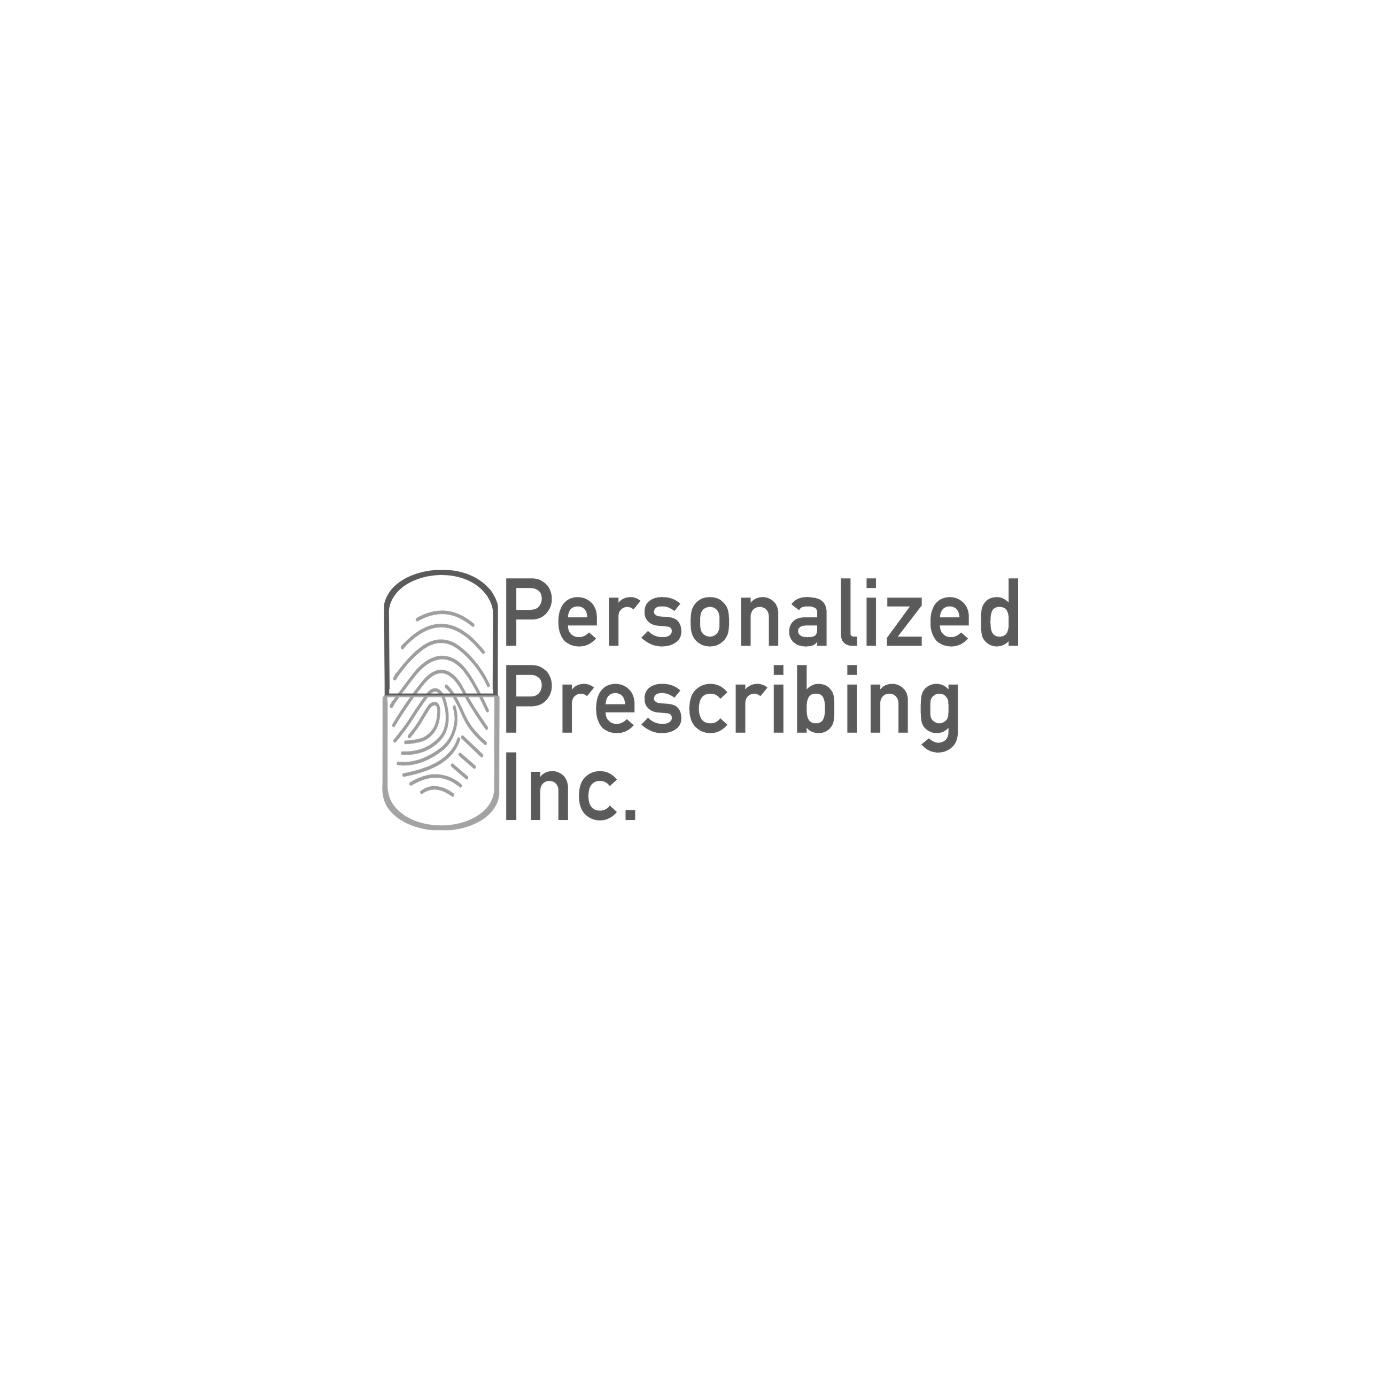 Personalized Prescribing Inc.